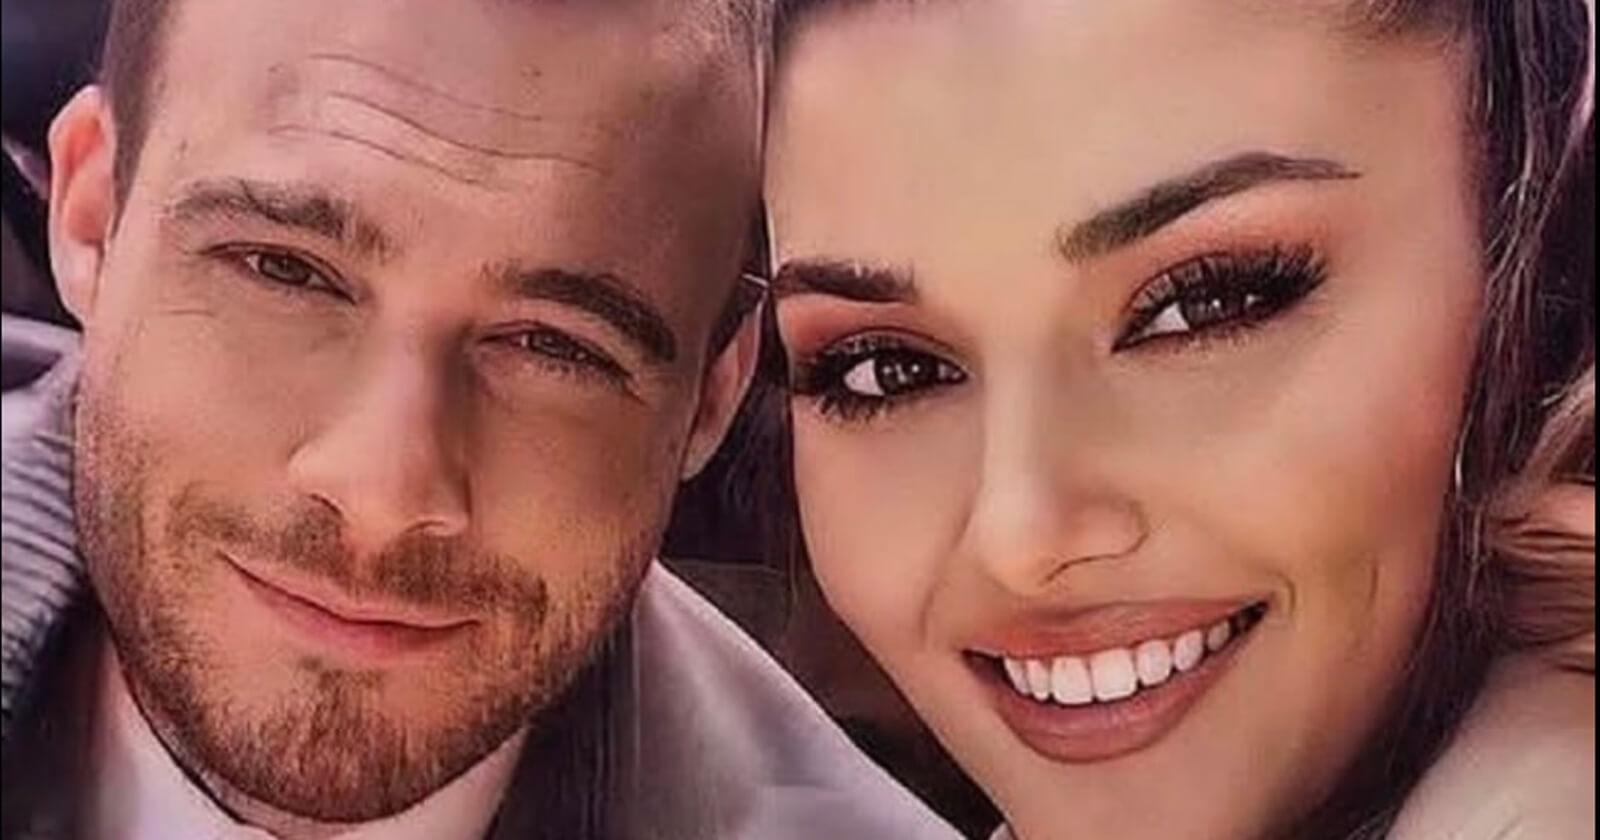 Kerem Bursin e Hande Ercel: i Progetti dopo Love is in the air tra Film e Stati Uniti